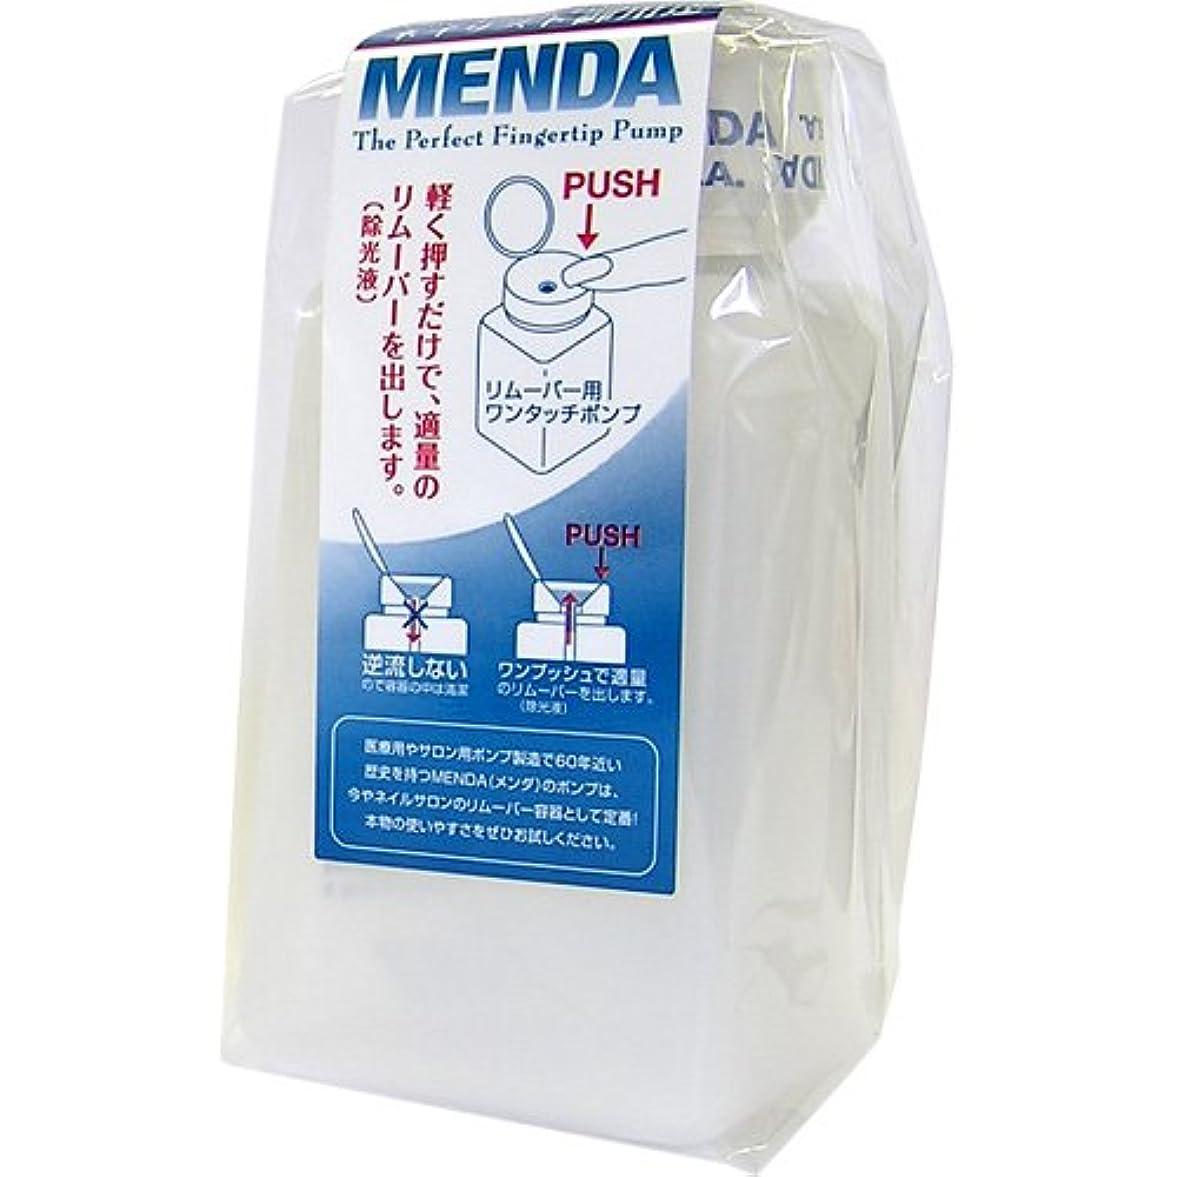 回復合法コミュニケーションメンダ<MENDA>リムーバー用ワンタッチポンプ180ml(6oz)